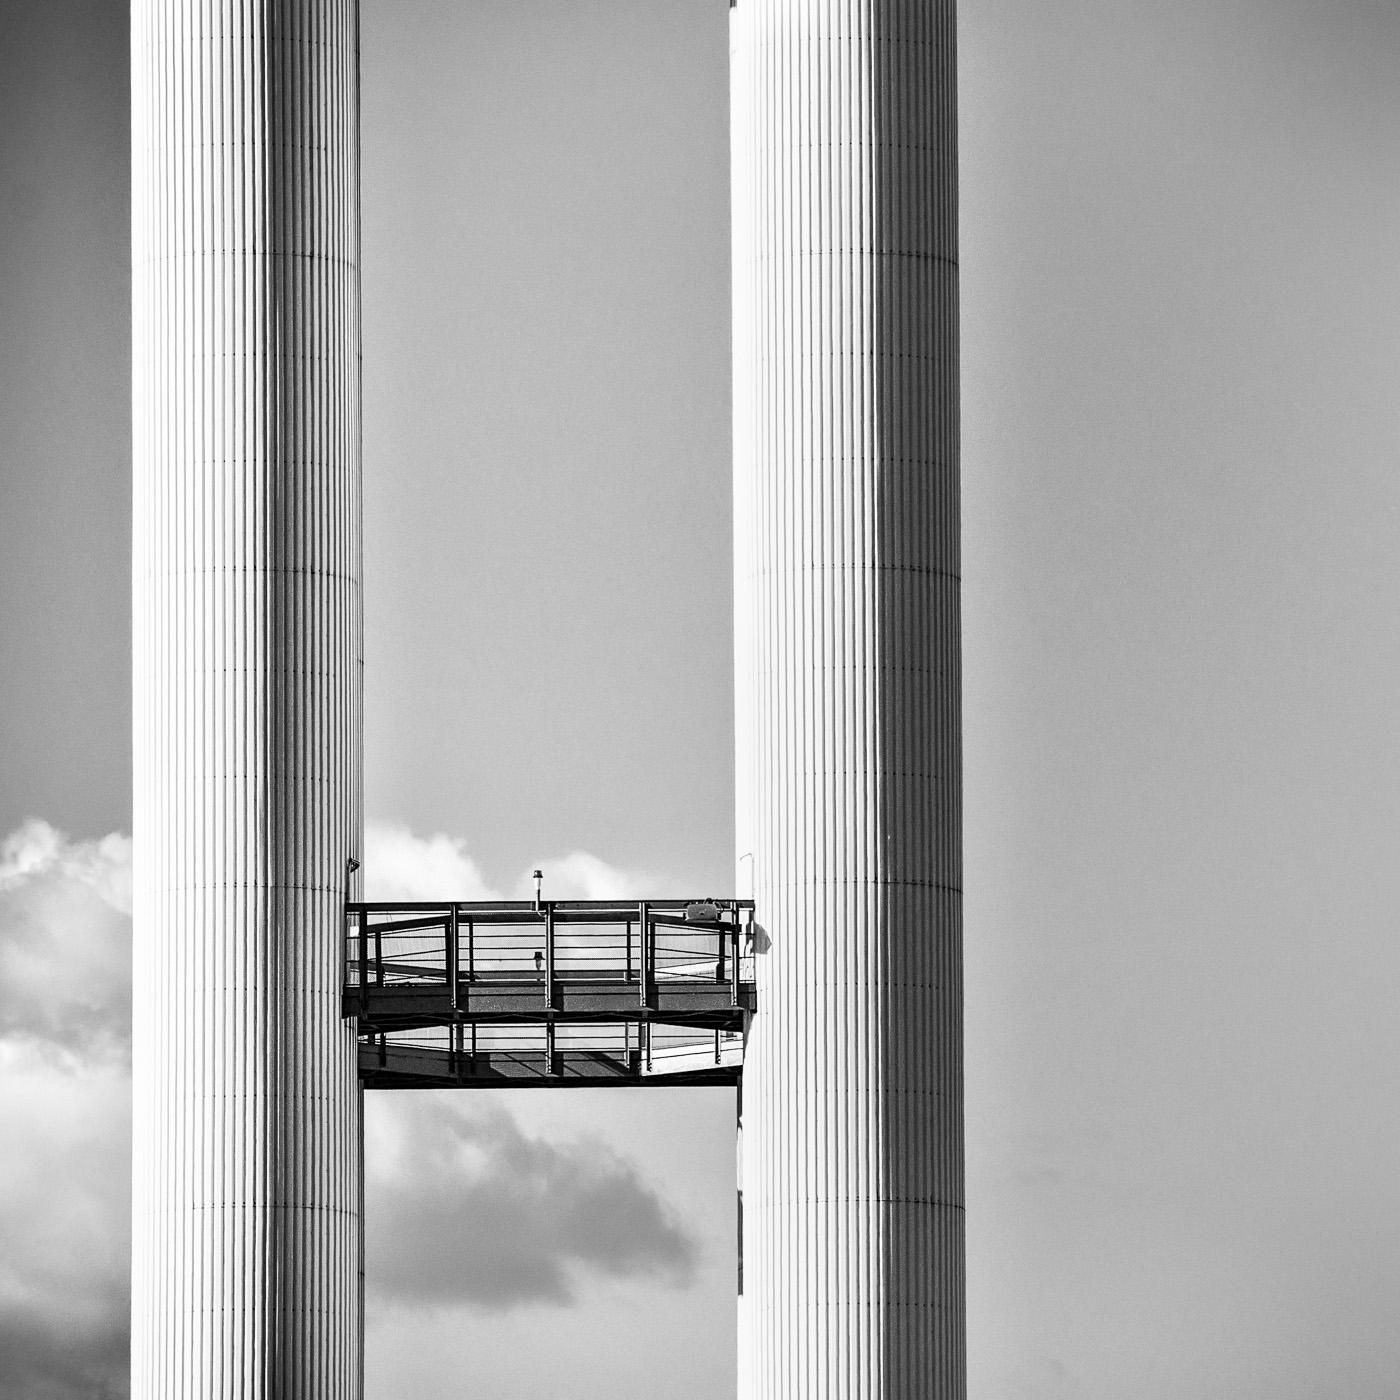 Airport Tempelhof Berlin